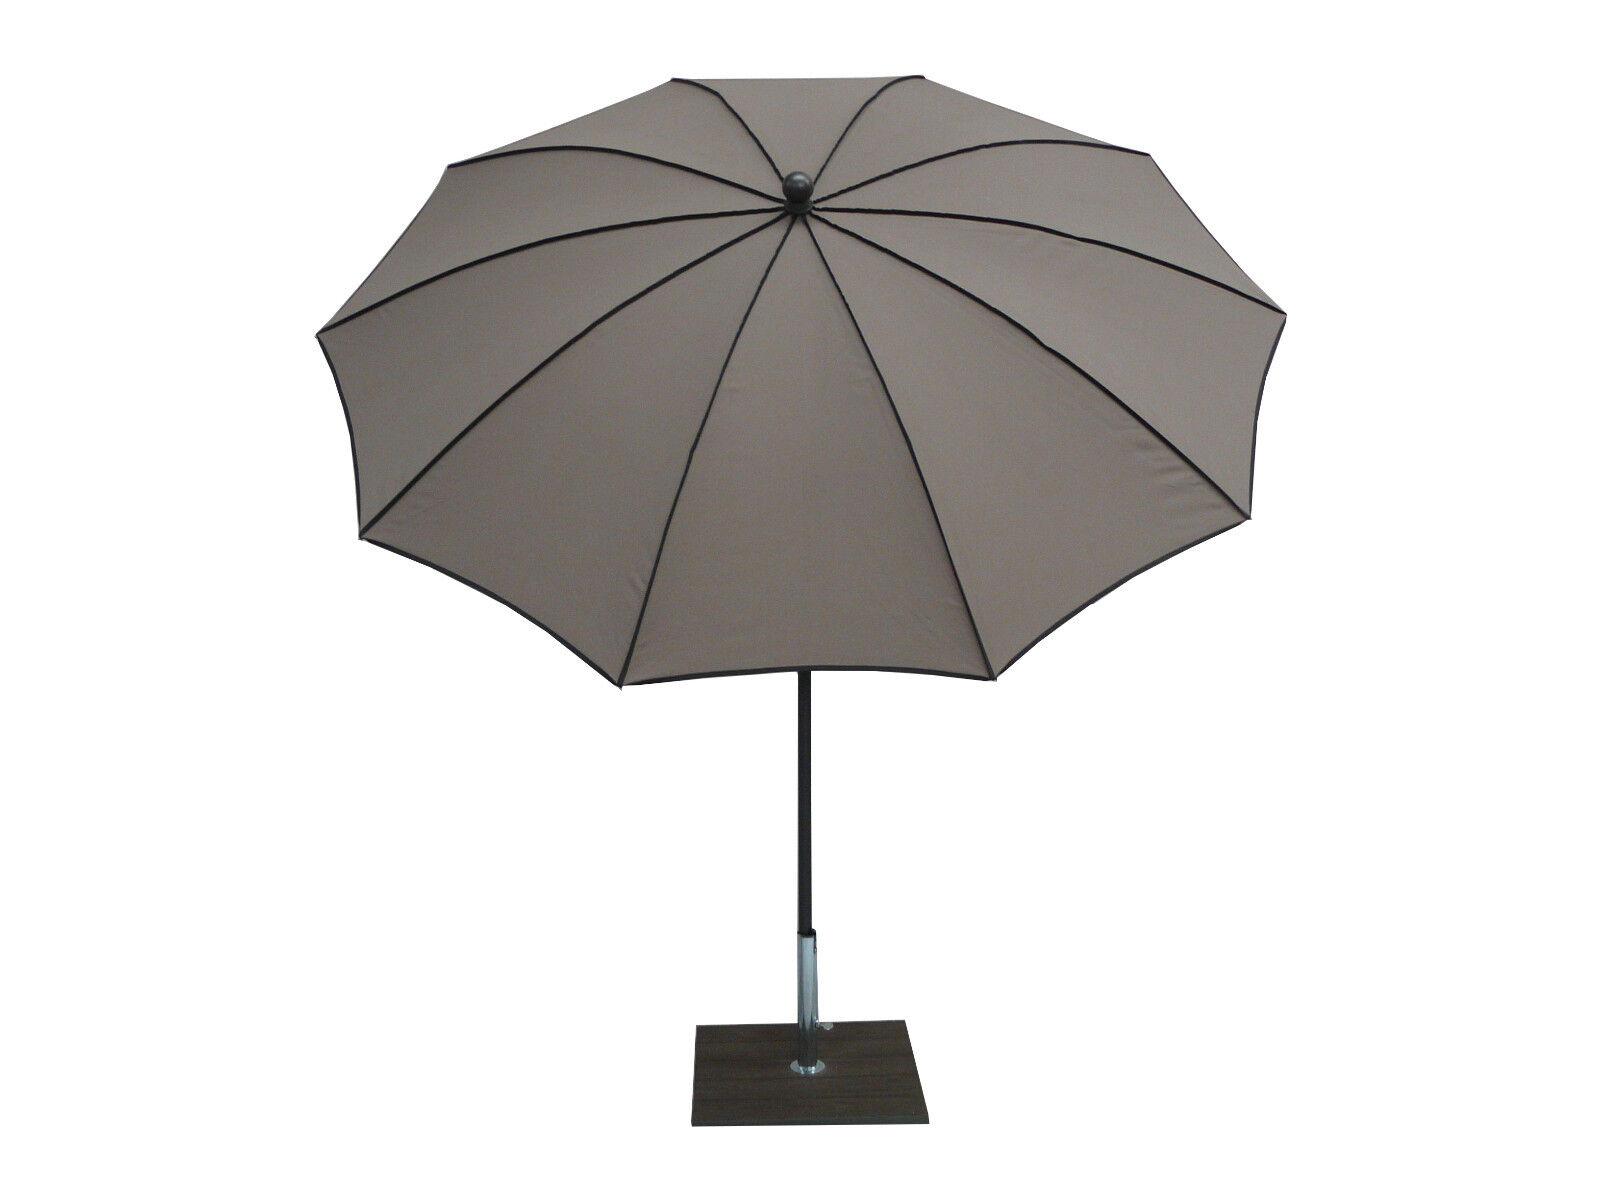 Maffei ombrellone palo centrale Border Art.45b taupe dralon d.280 cm